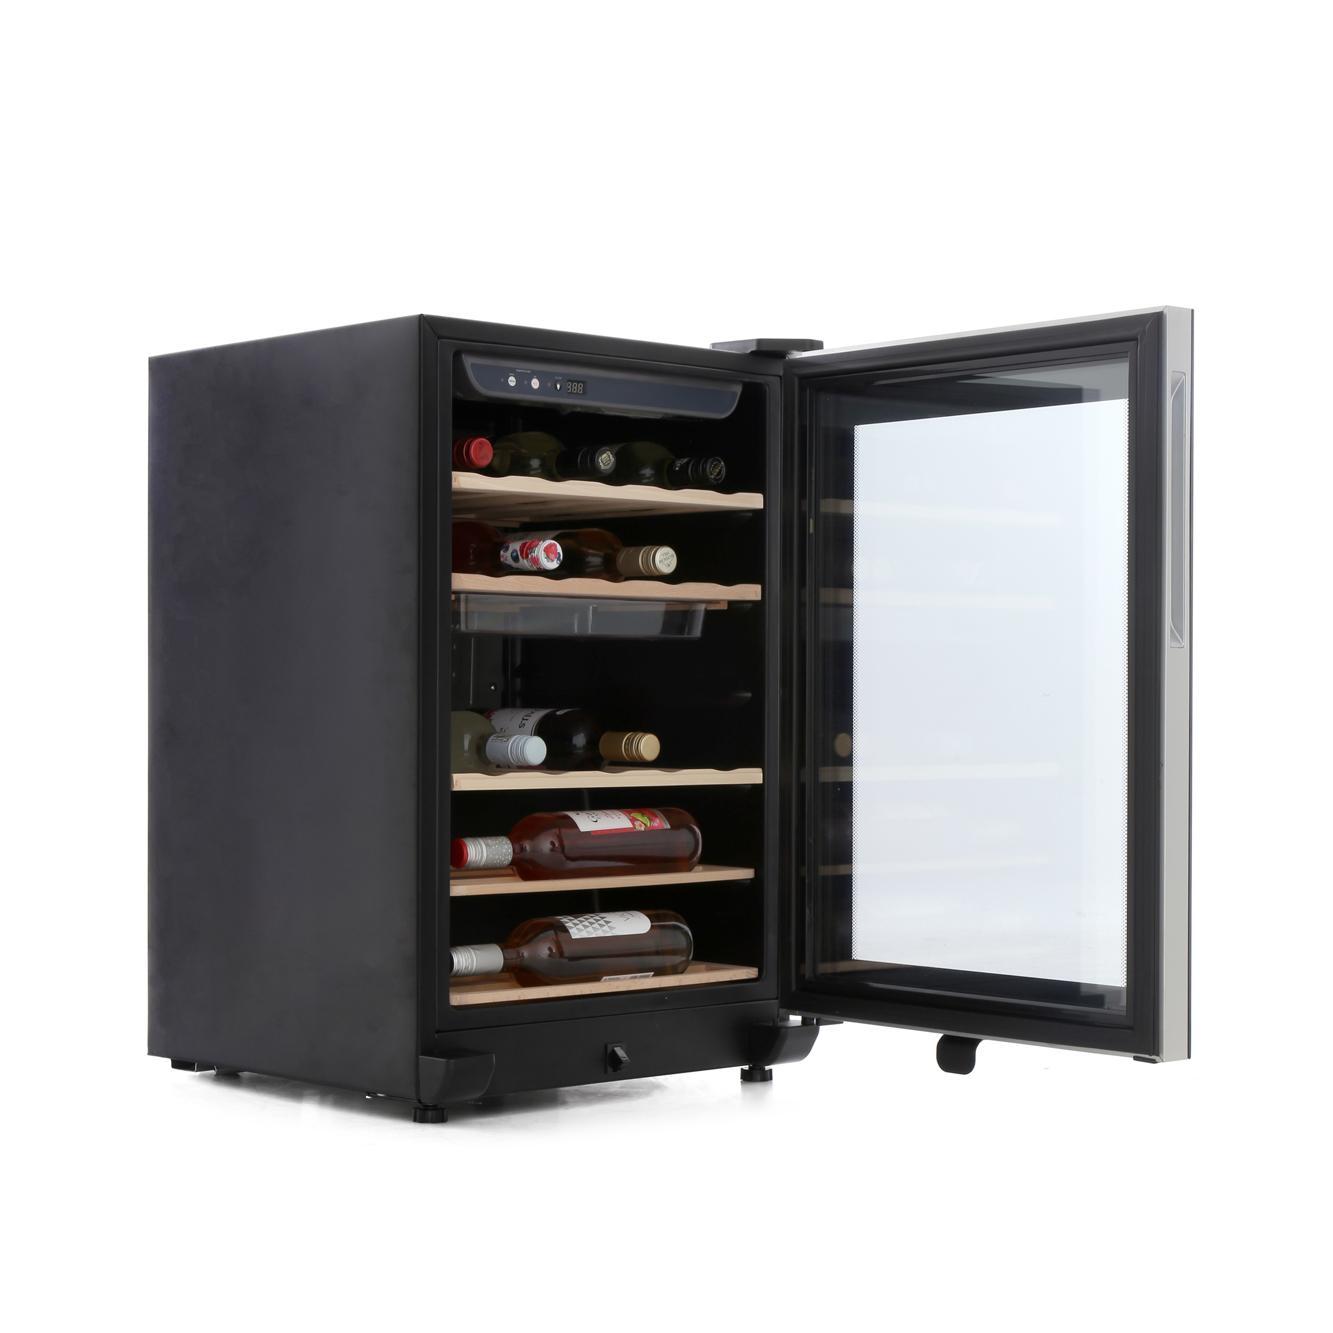 buy haier ws25ga wine cooler black marks electrical. Black Bedroom Furniture Sets. Home Design Ideas